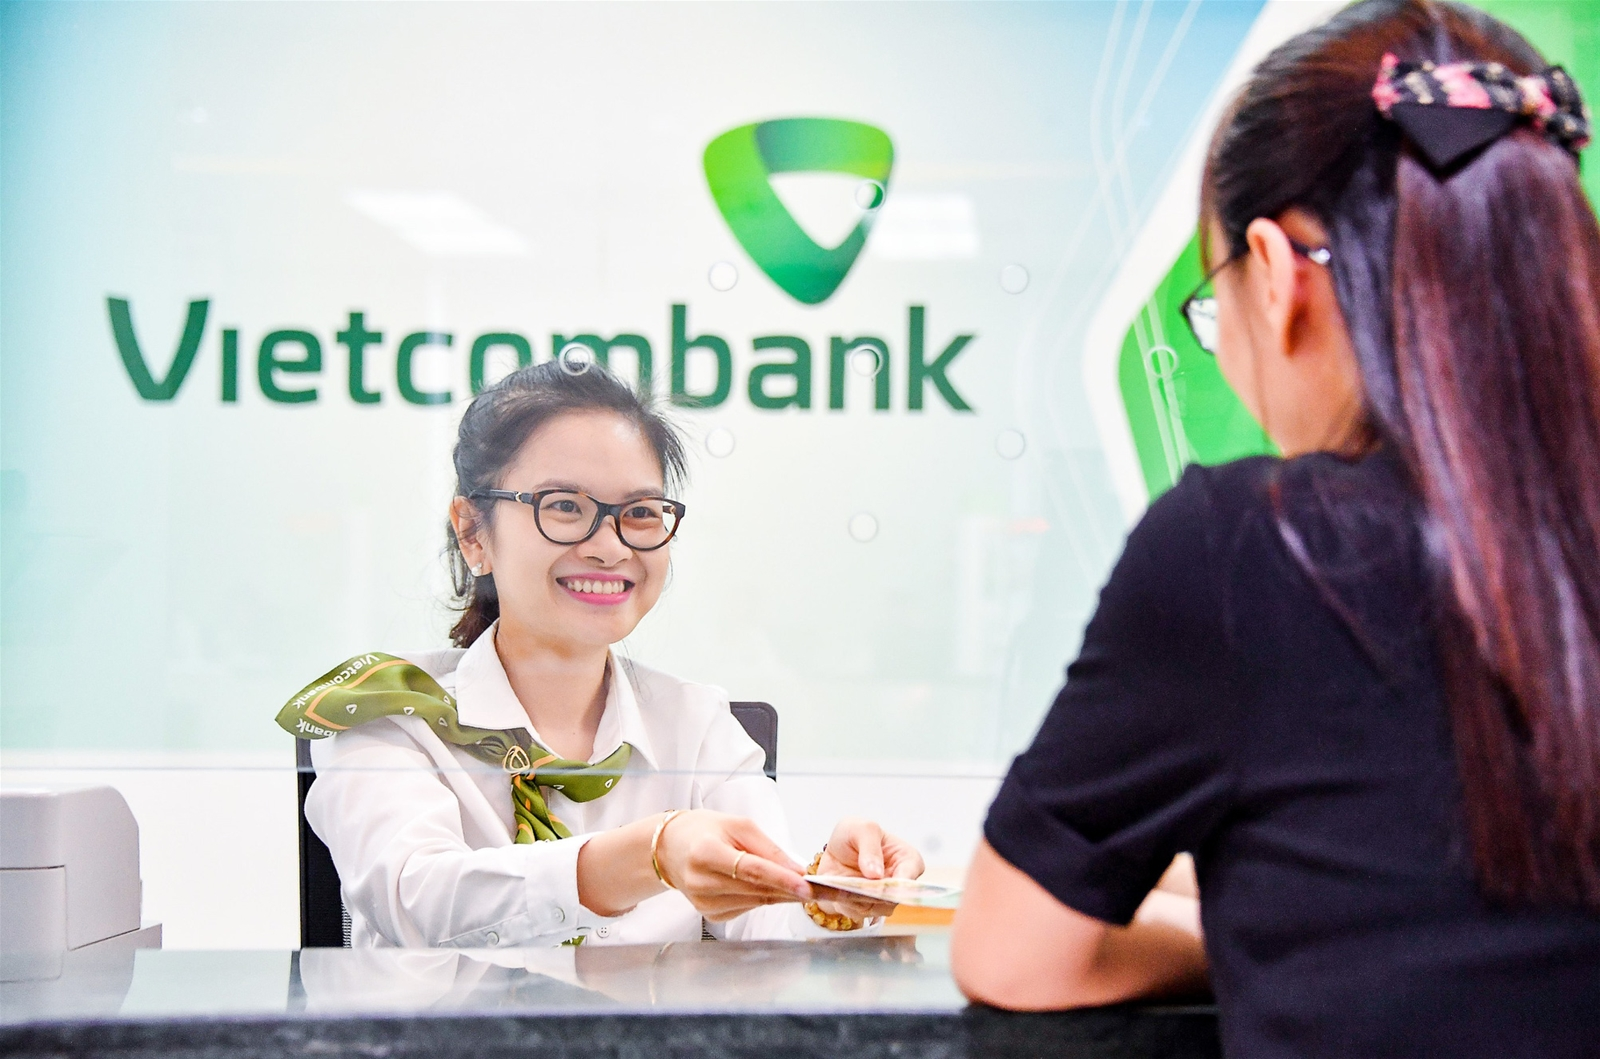 Lãi suất ngân hàng Vietcombank mới nhất tháng 10/2020